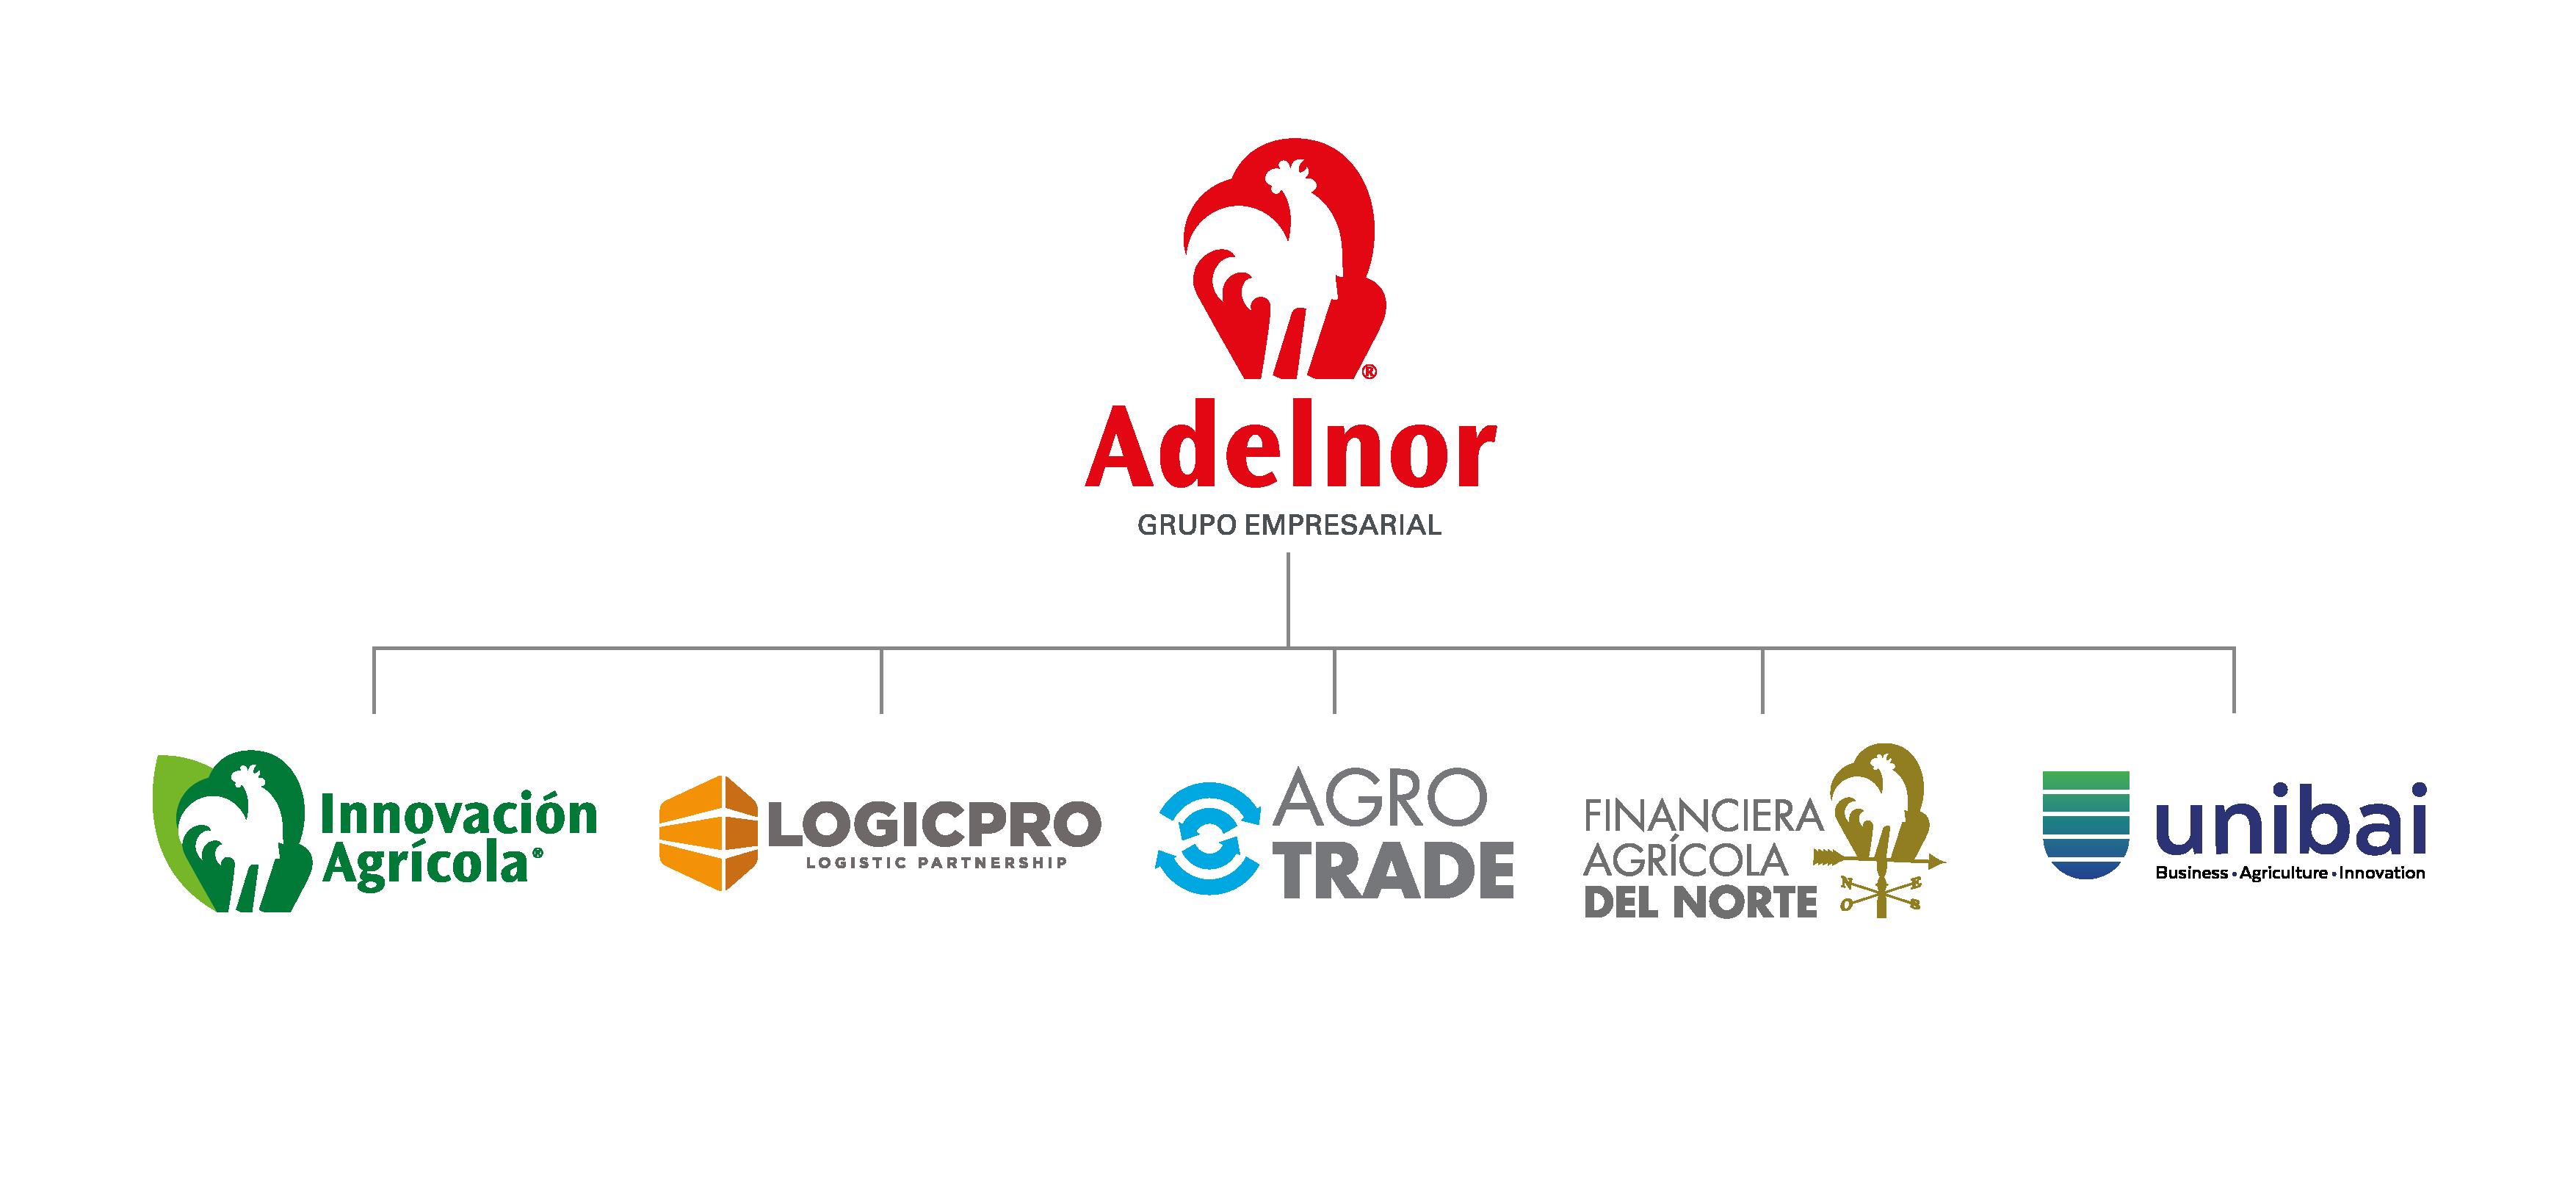 Logos_Unidades de Negocios Adelnor